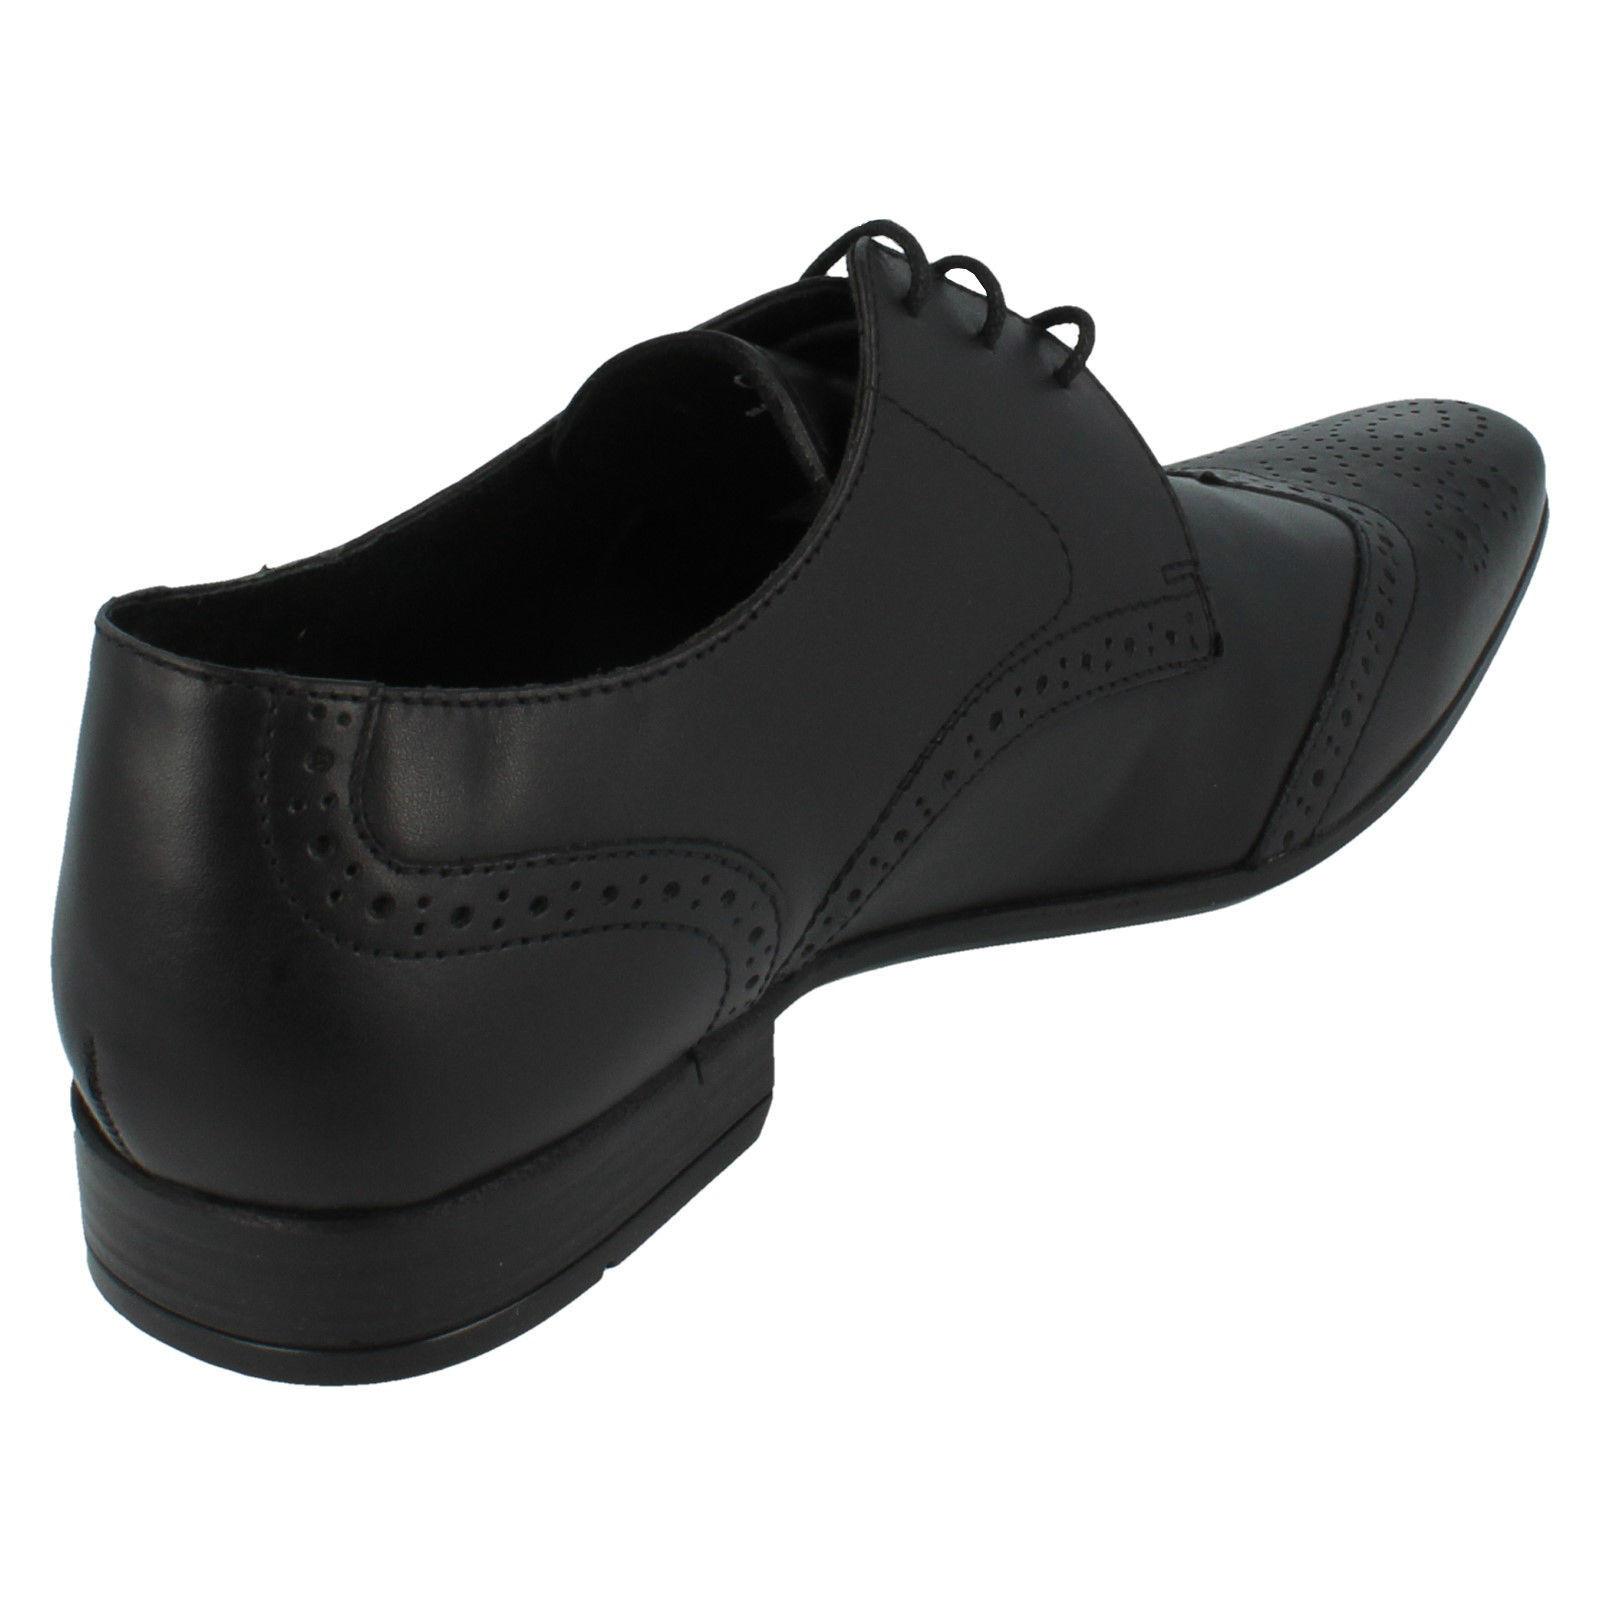 Homme THOMAS Richelieu Catesby Lacets Richelieu THOMAS à Formelle Chaussures PT-012 87cf70